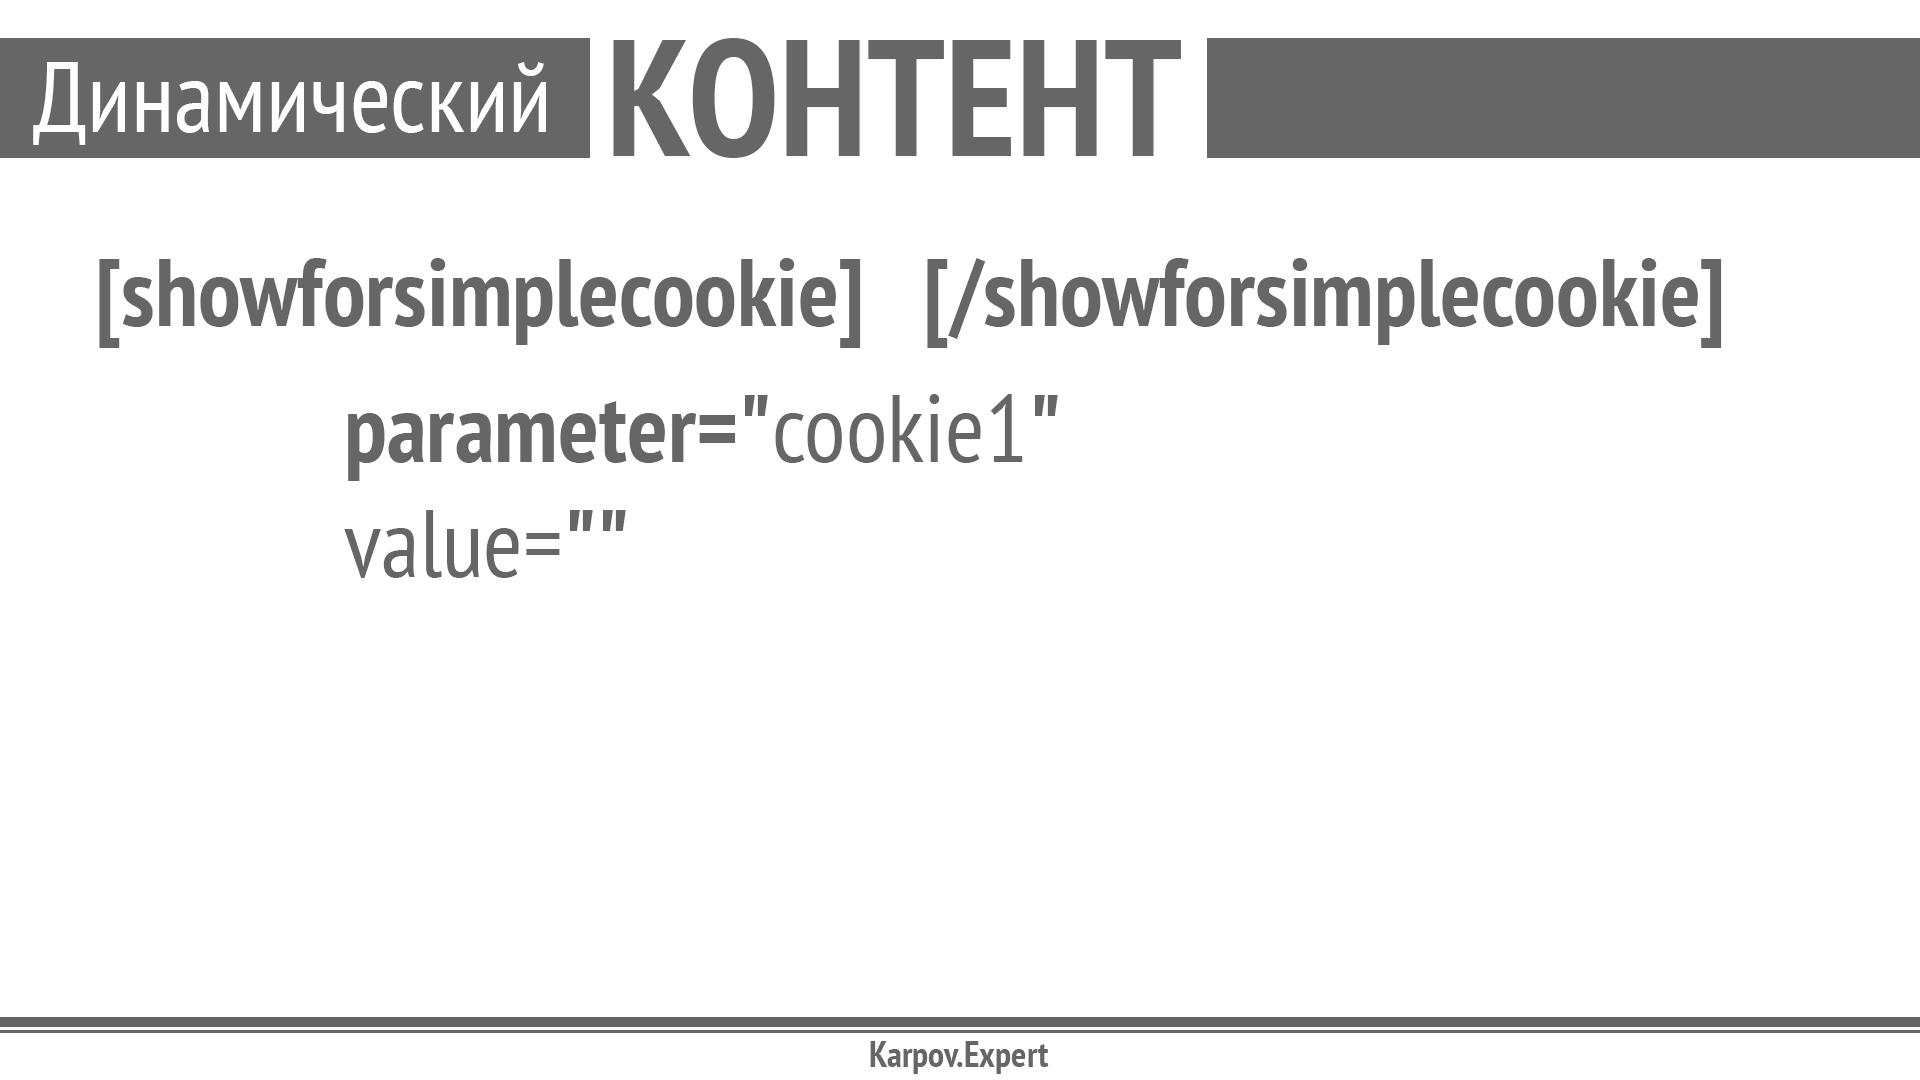 Karpov-WordCamp2019_Page_39